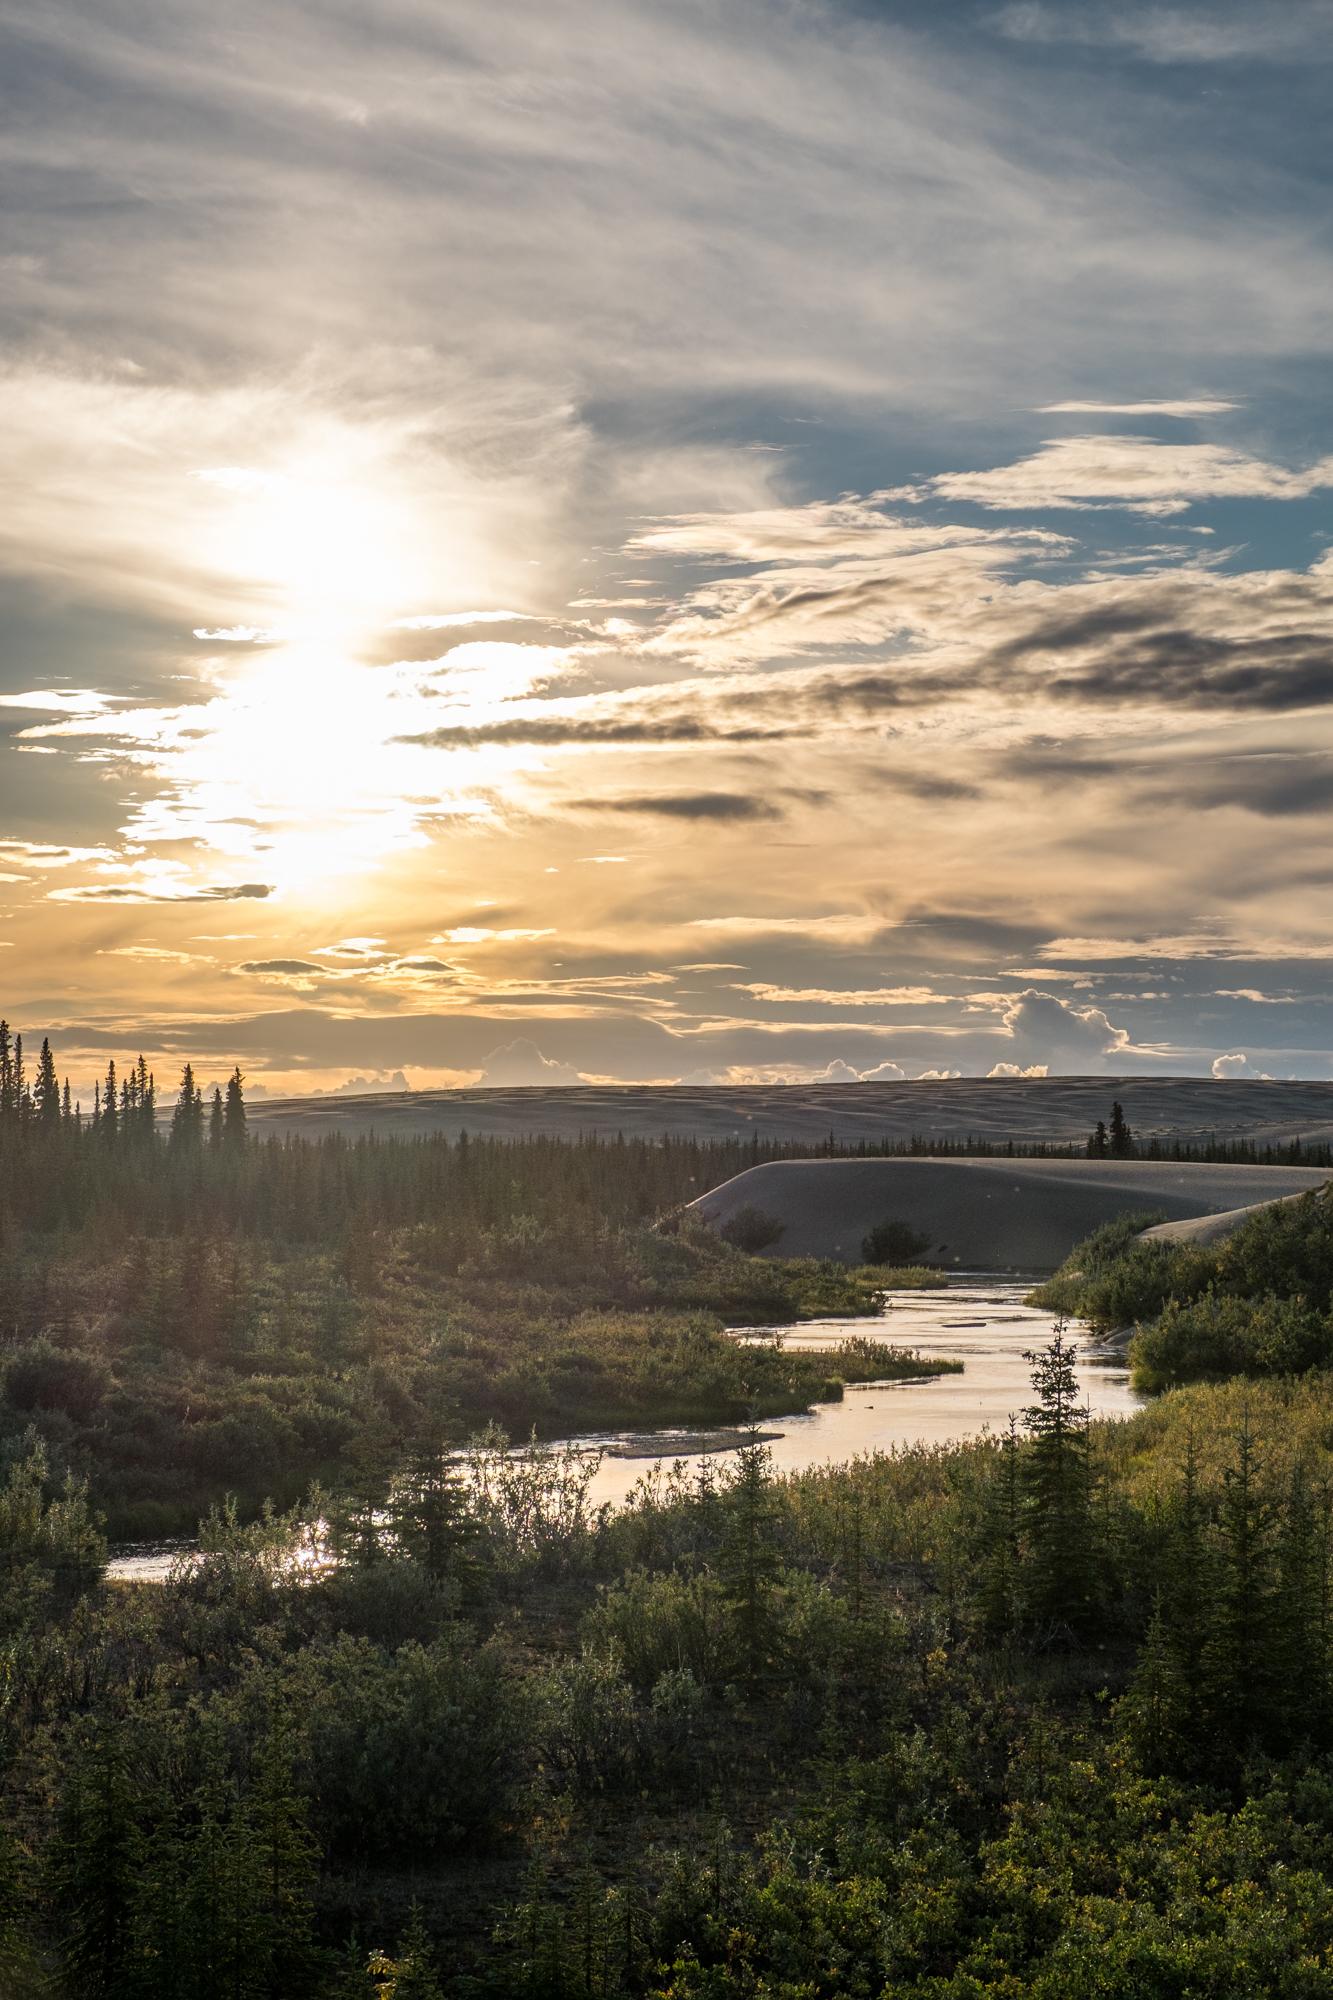 The enchanting, like-a-dream landscape at Kobuk National Park in Alaska.